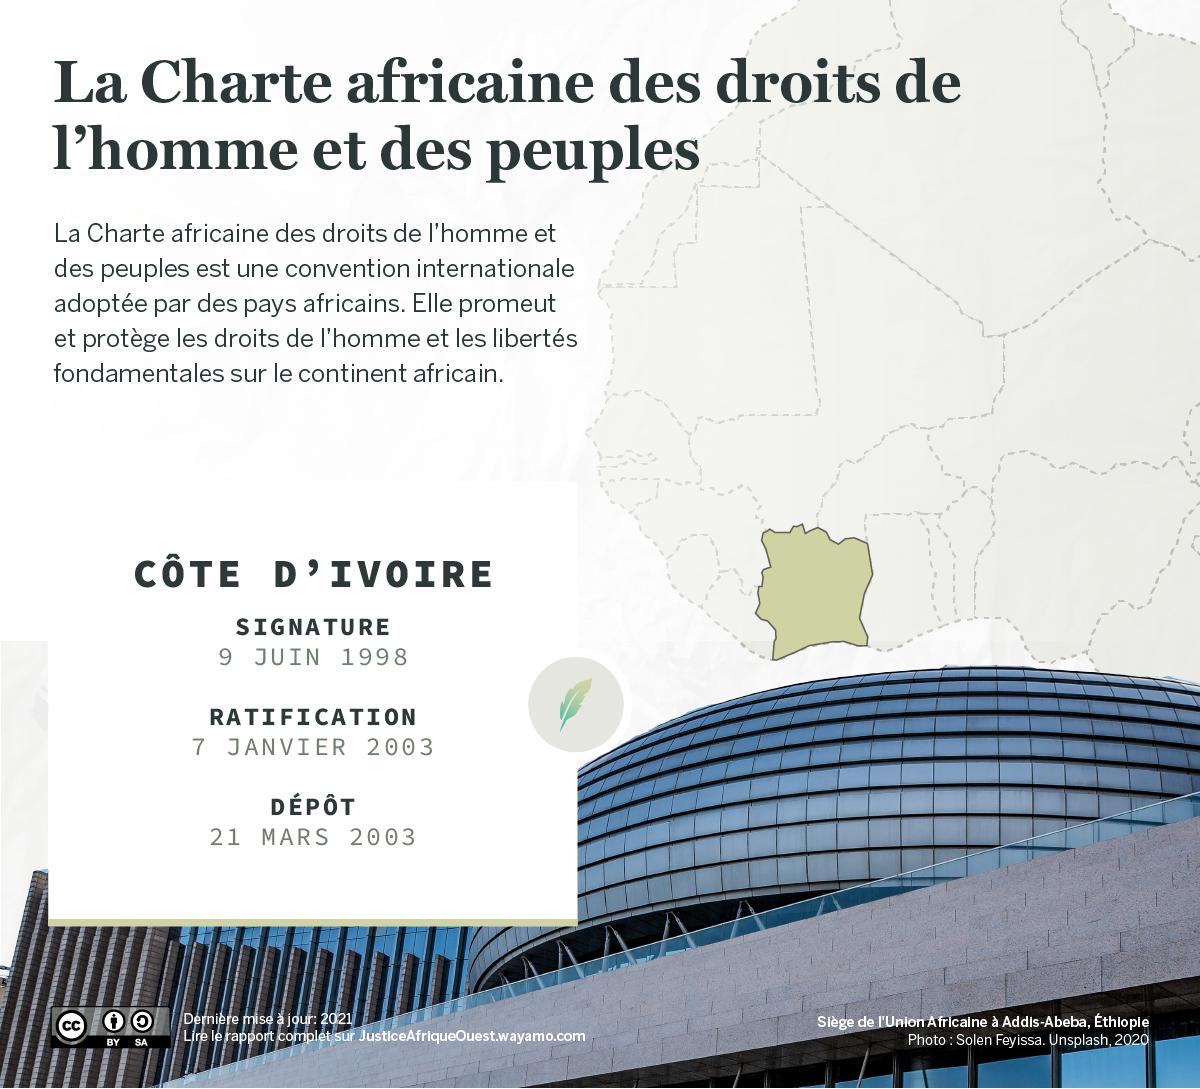 COTE D'IVOIRE_Charte africaine - Wayamo Foundation (CC BY-SA 4.0)